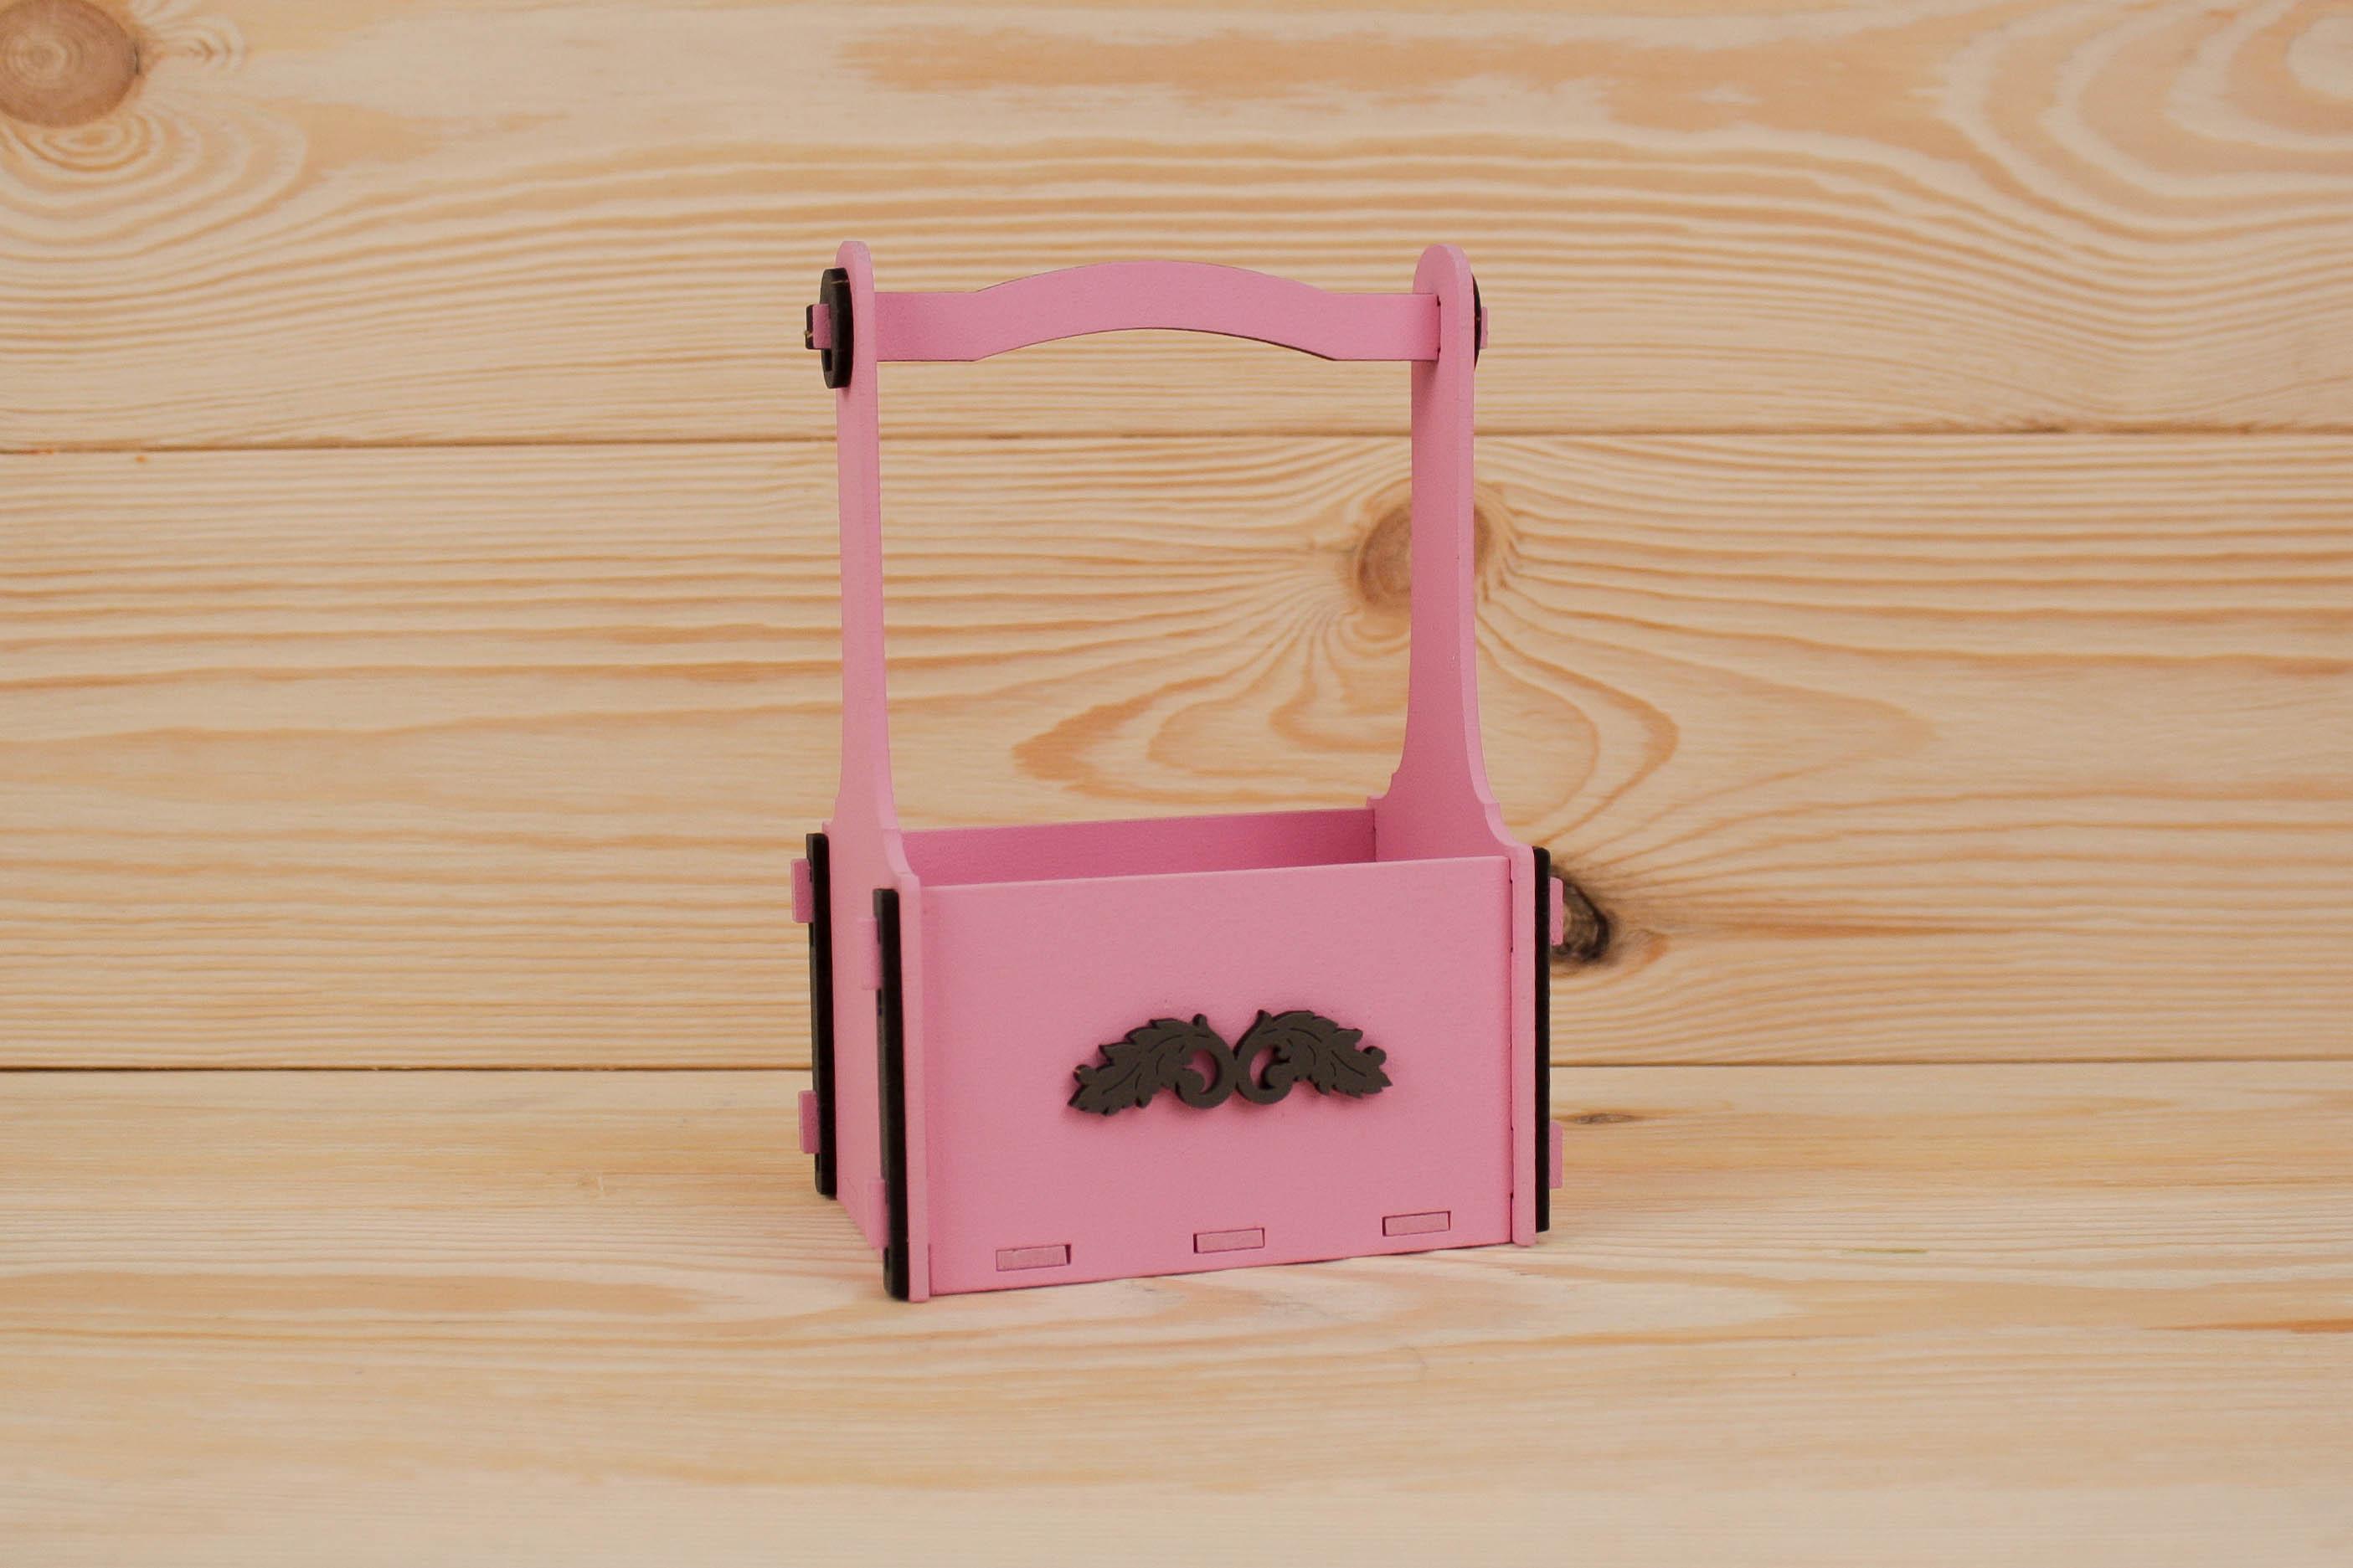 Подарочная упаковка Мастер Дизайн ПУ369020520, розовый, серый